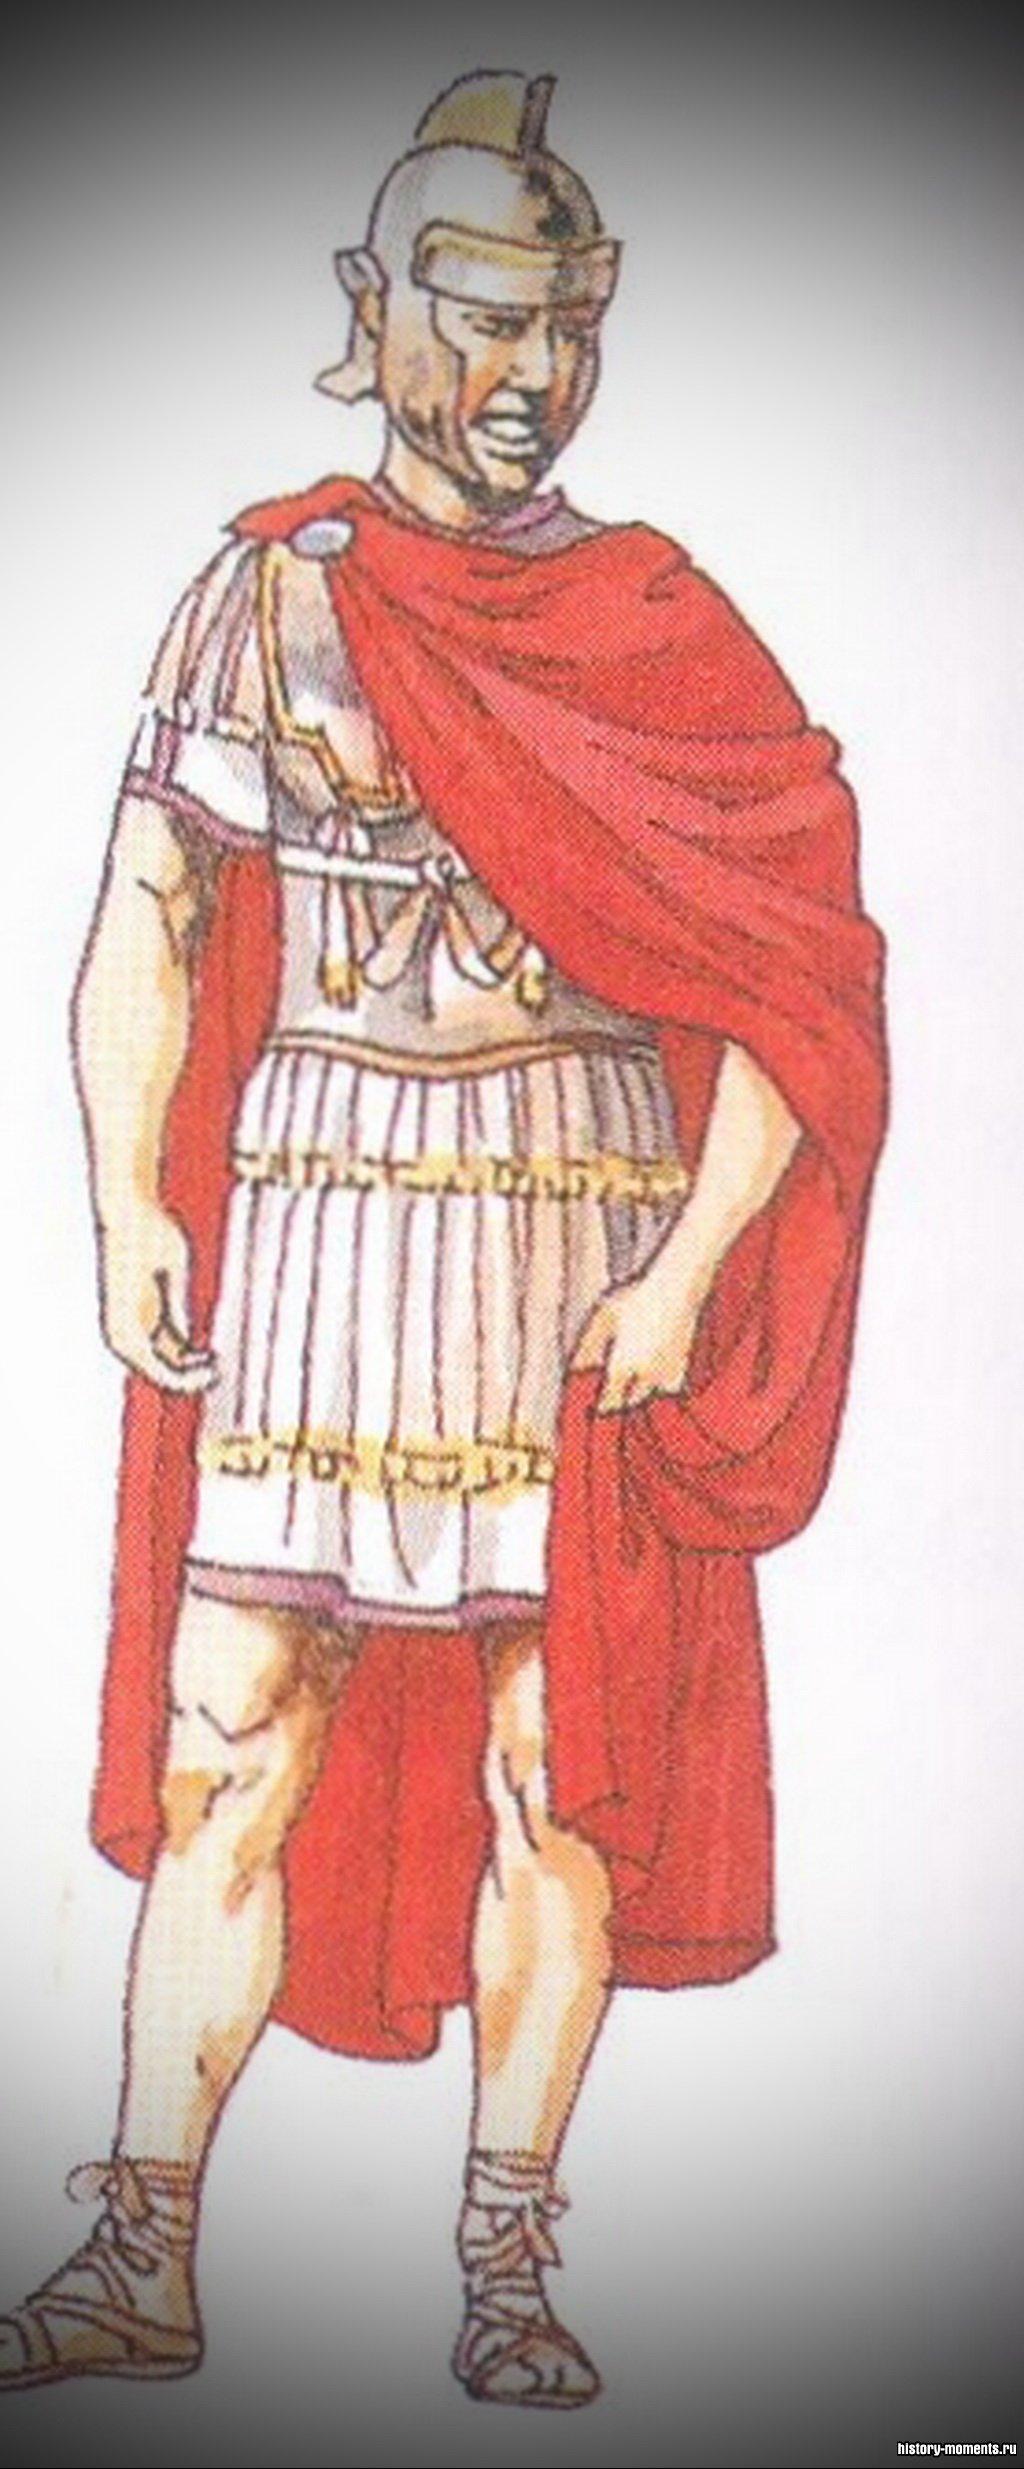 Трибун - начальник легиона, помощник легата. В каждом легионе их было 6.